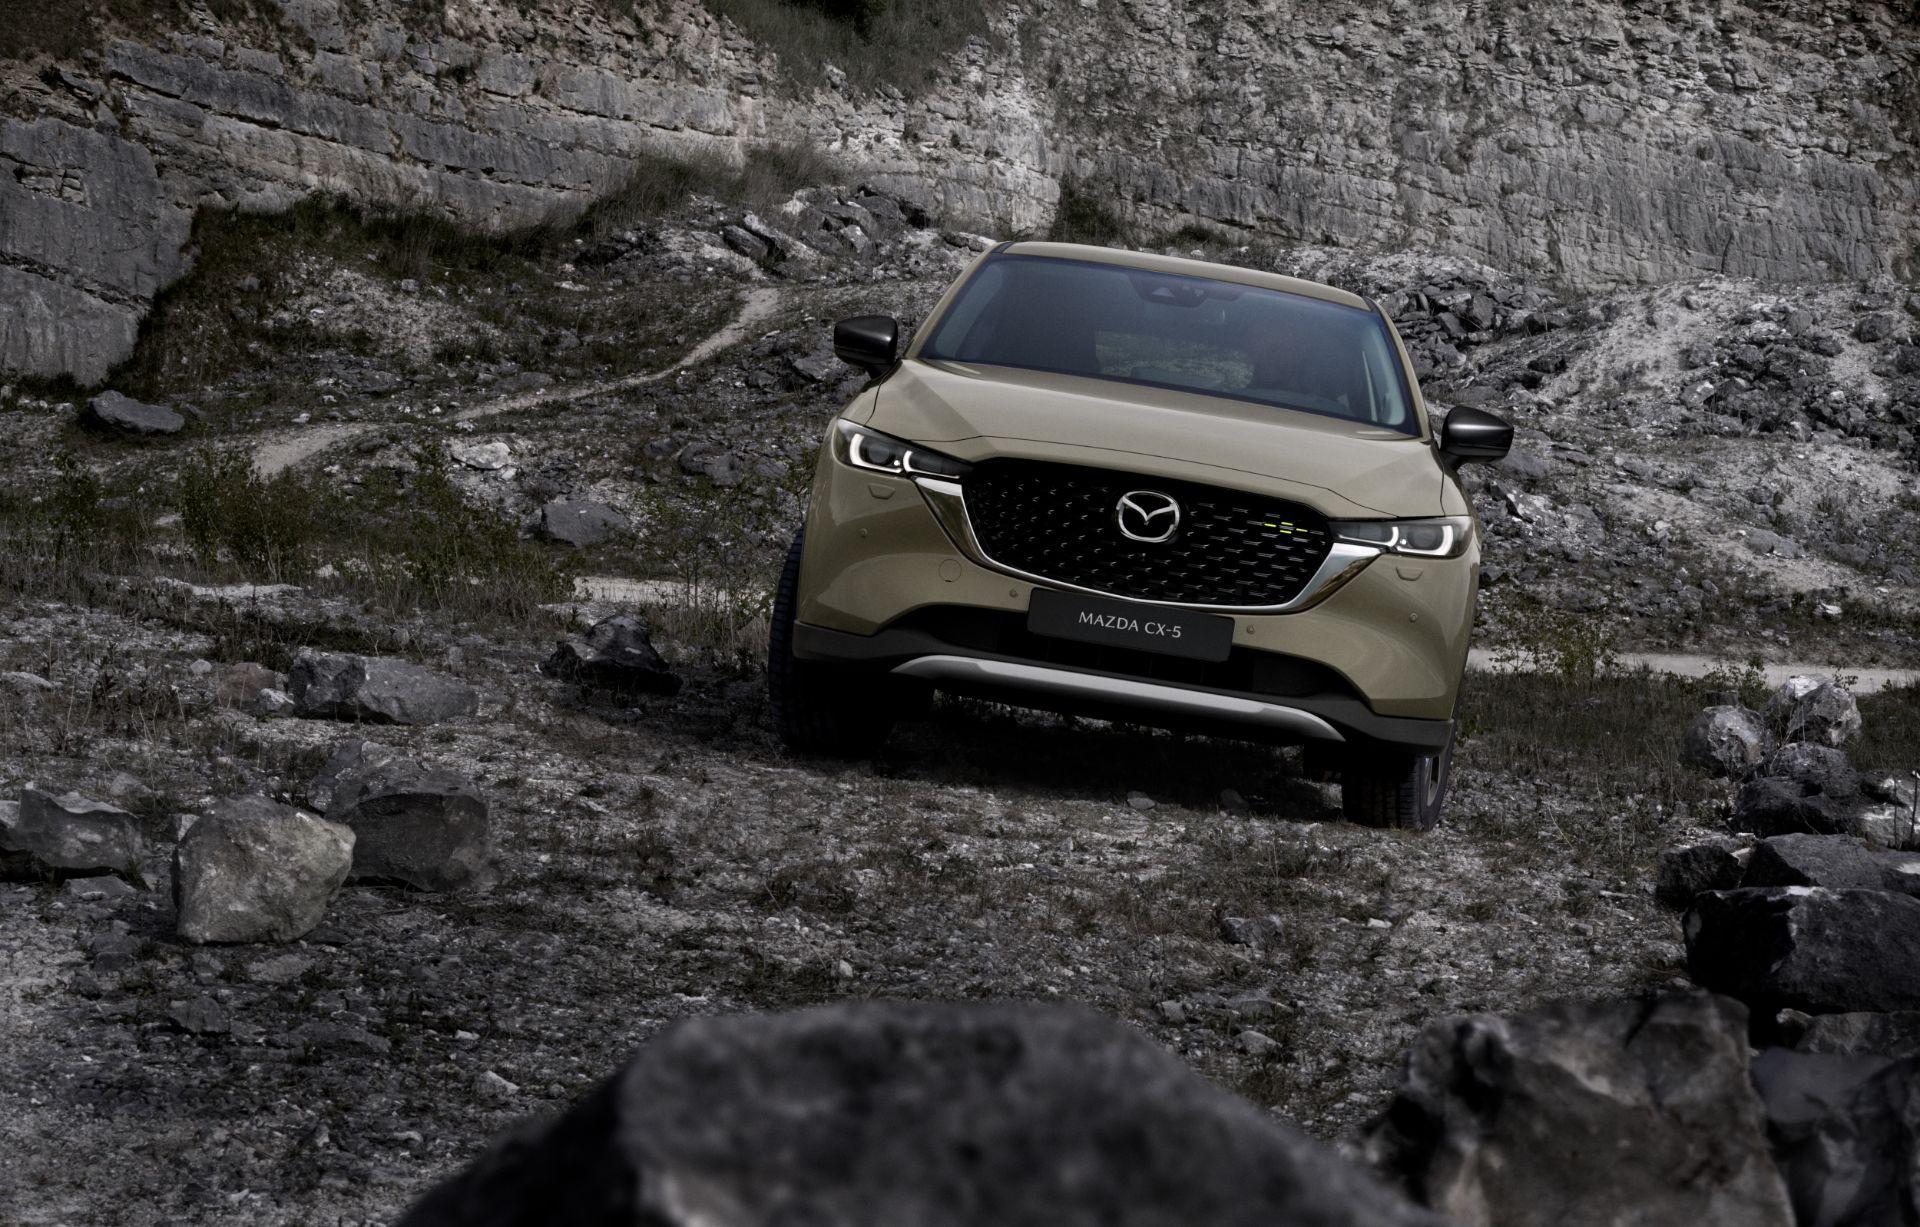 Mazda CX-5 2022 thêm lựa chọn màu vàng cát. Ảnh: Mazda